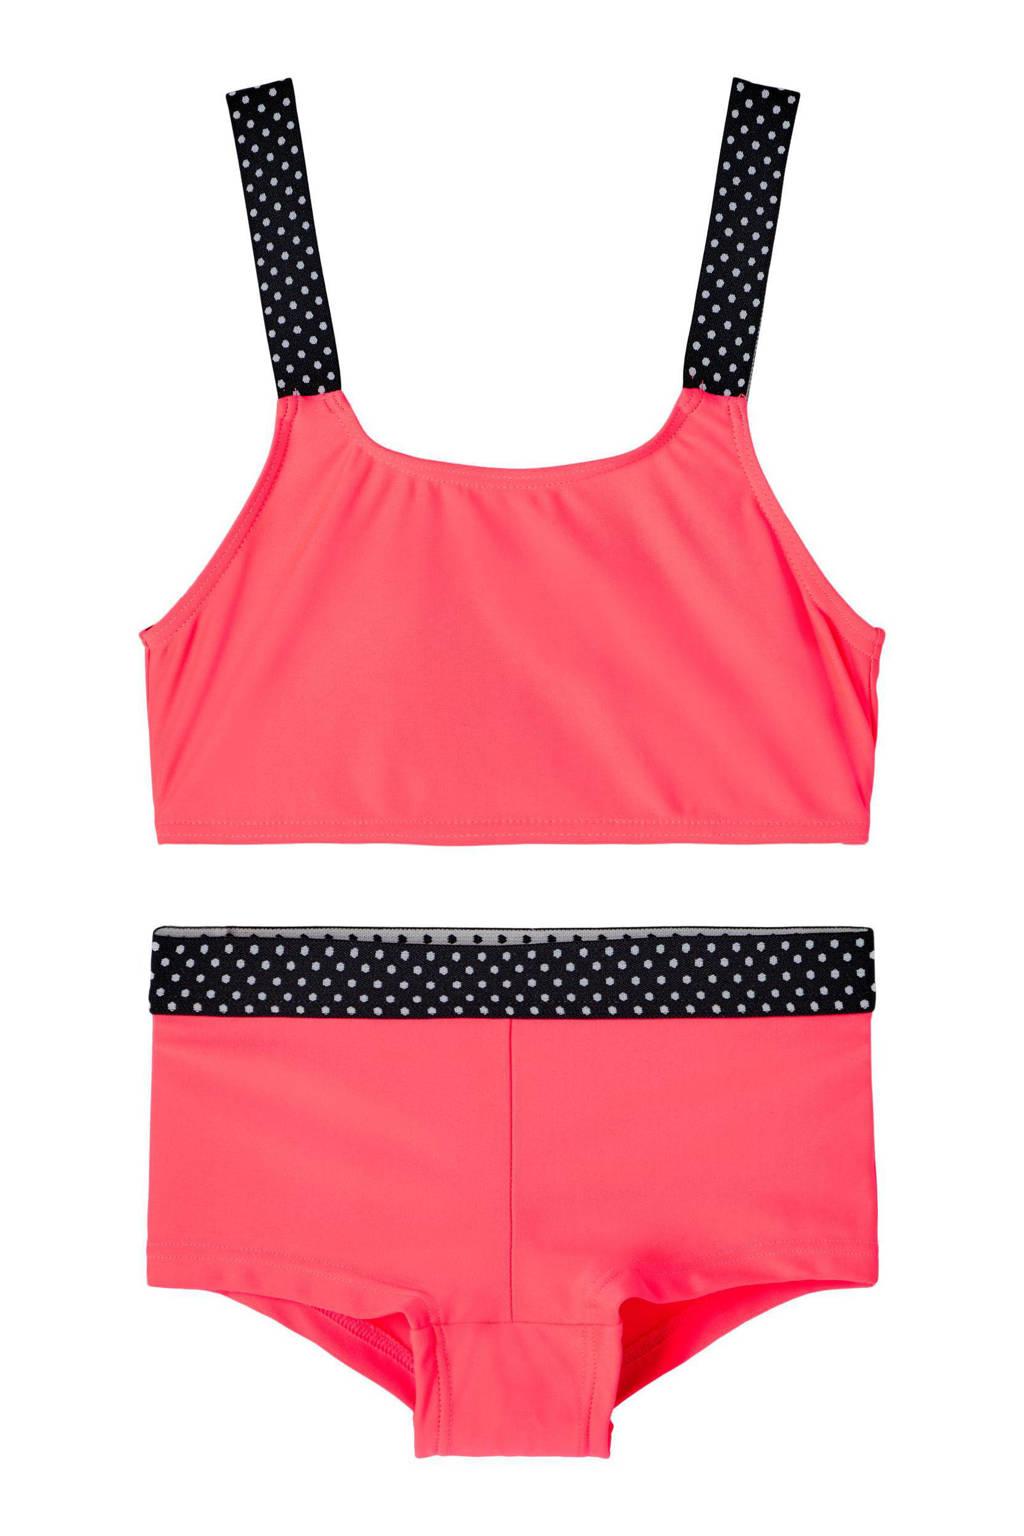 NAME IT KIDS crop bikini Zeleste roze, Roze